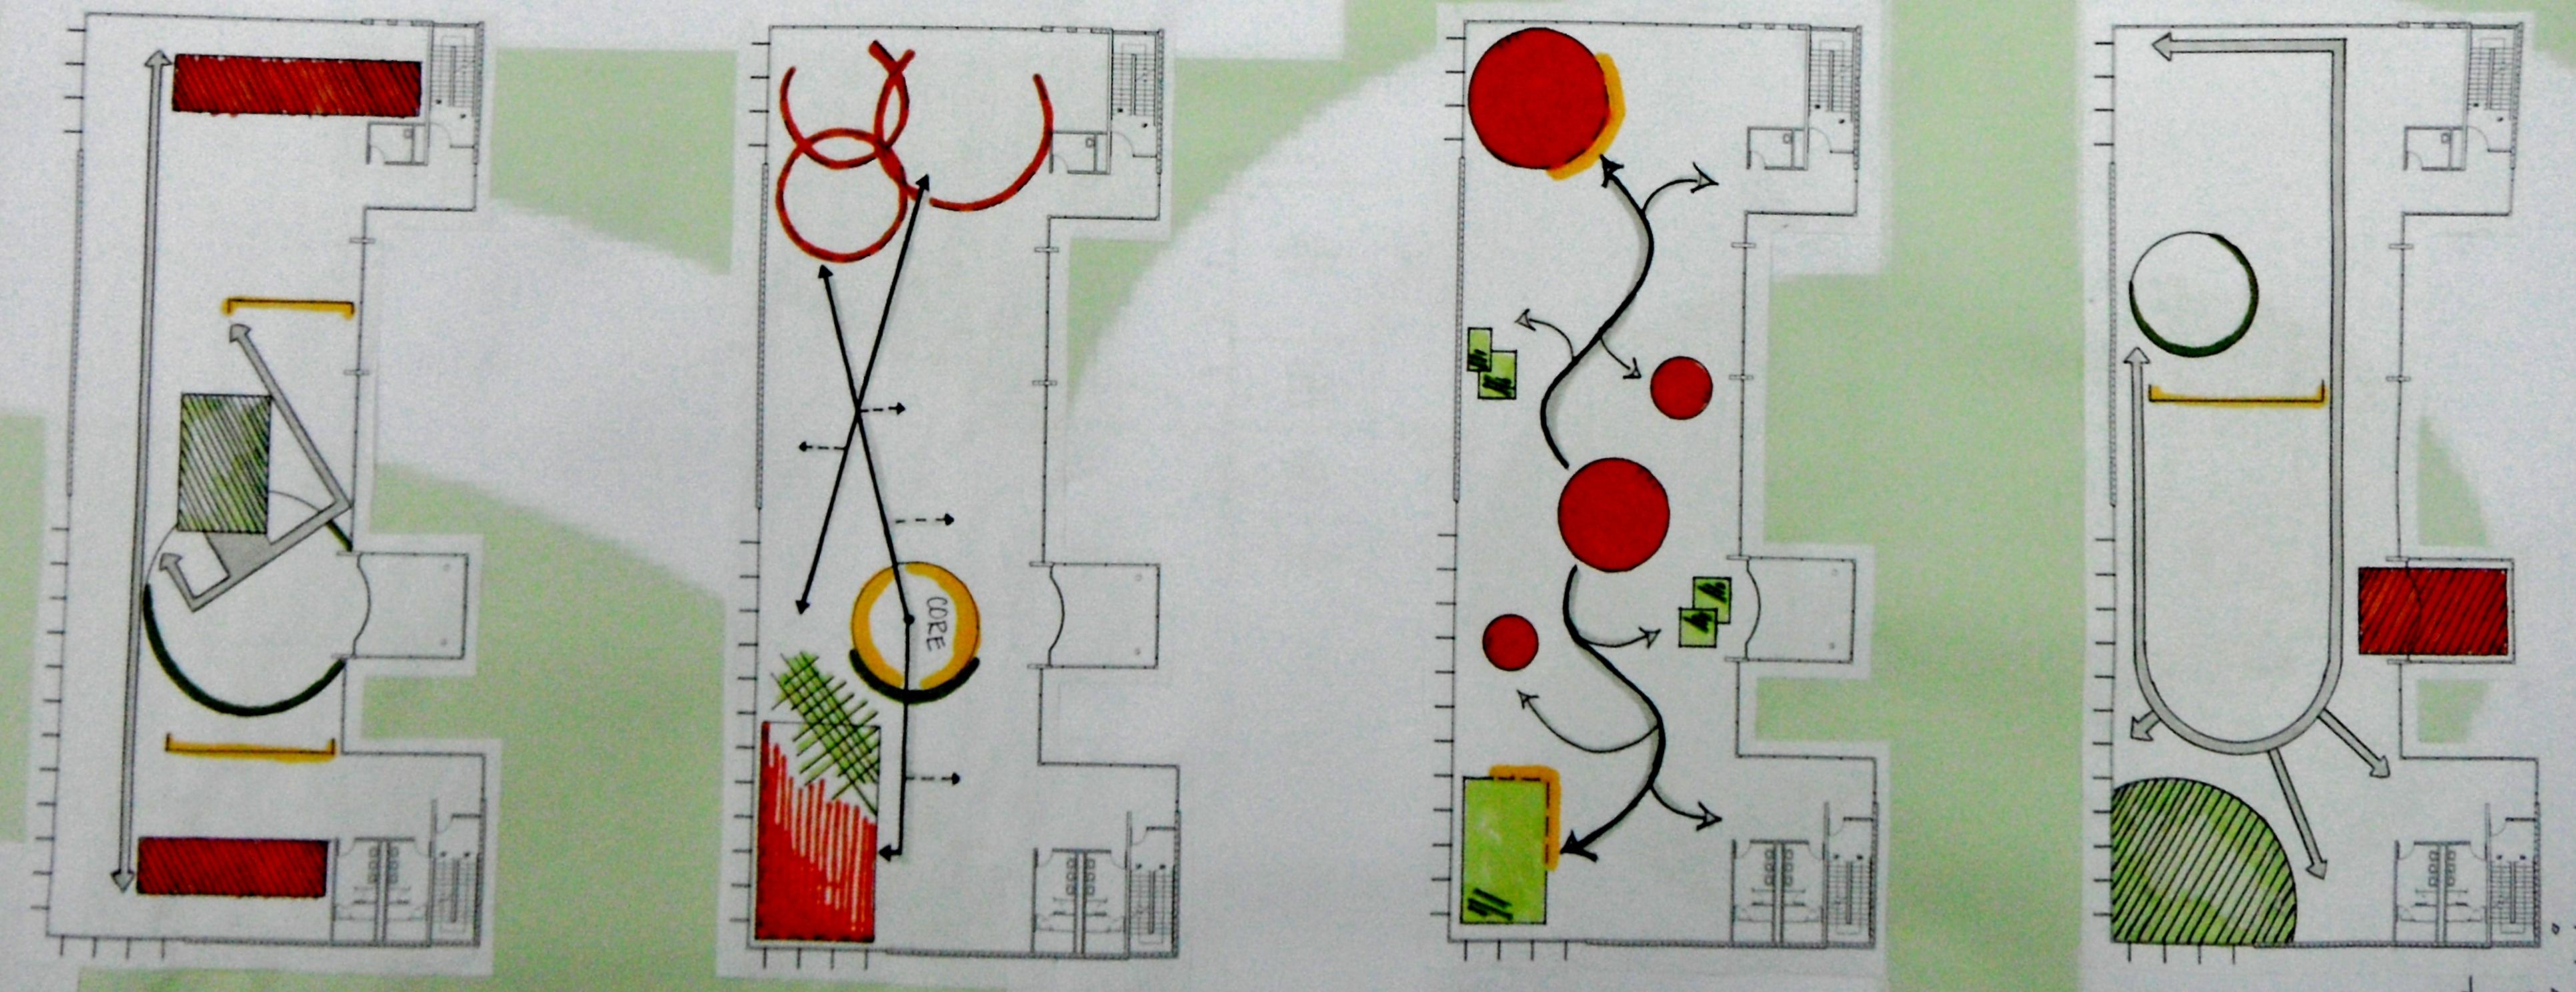 Office Design OXFAM IA 311